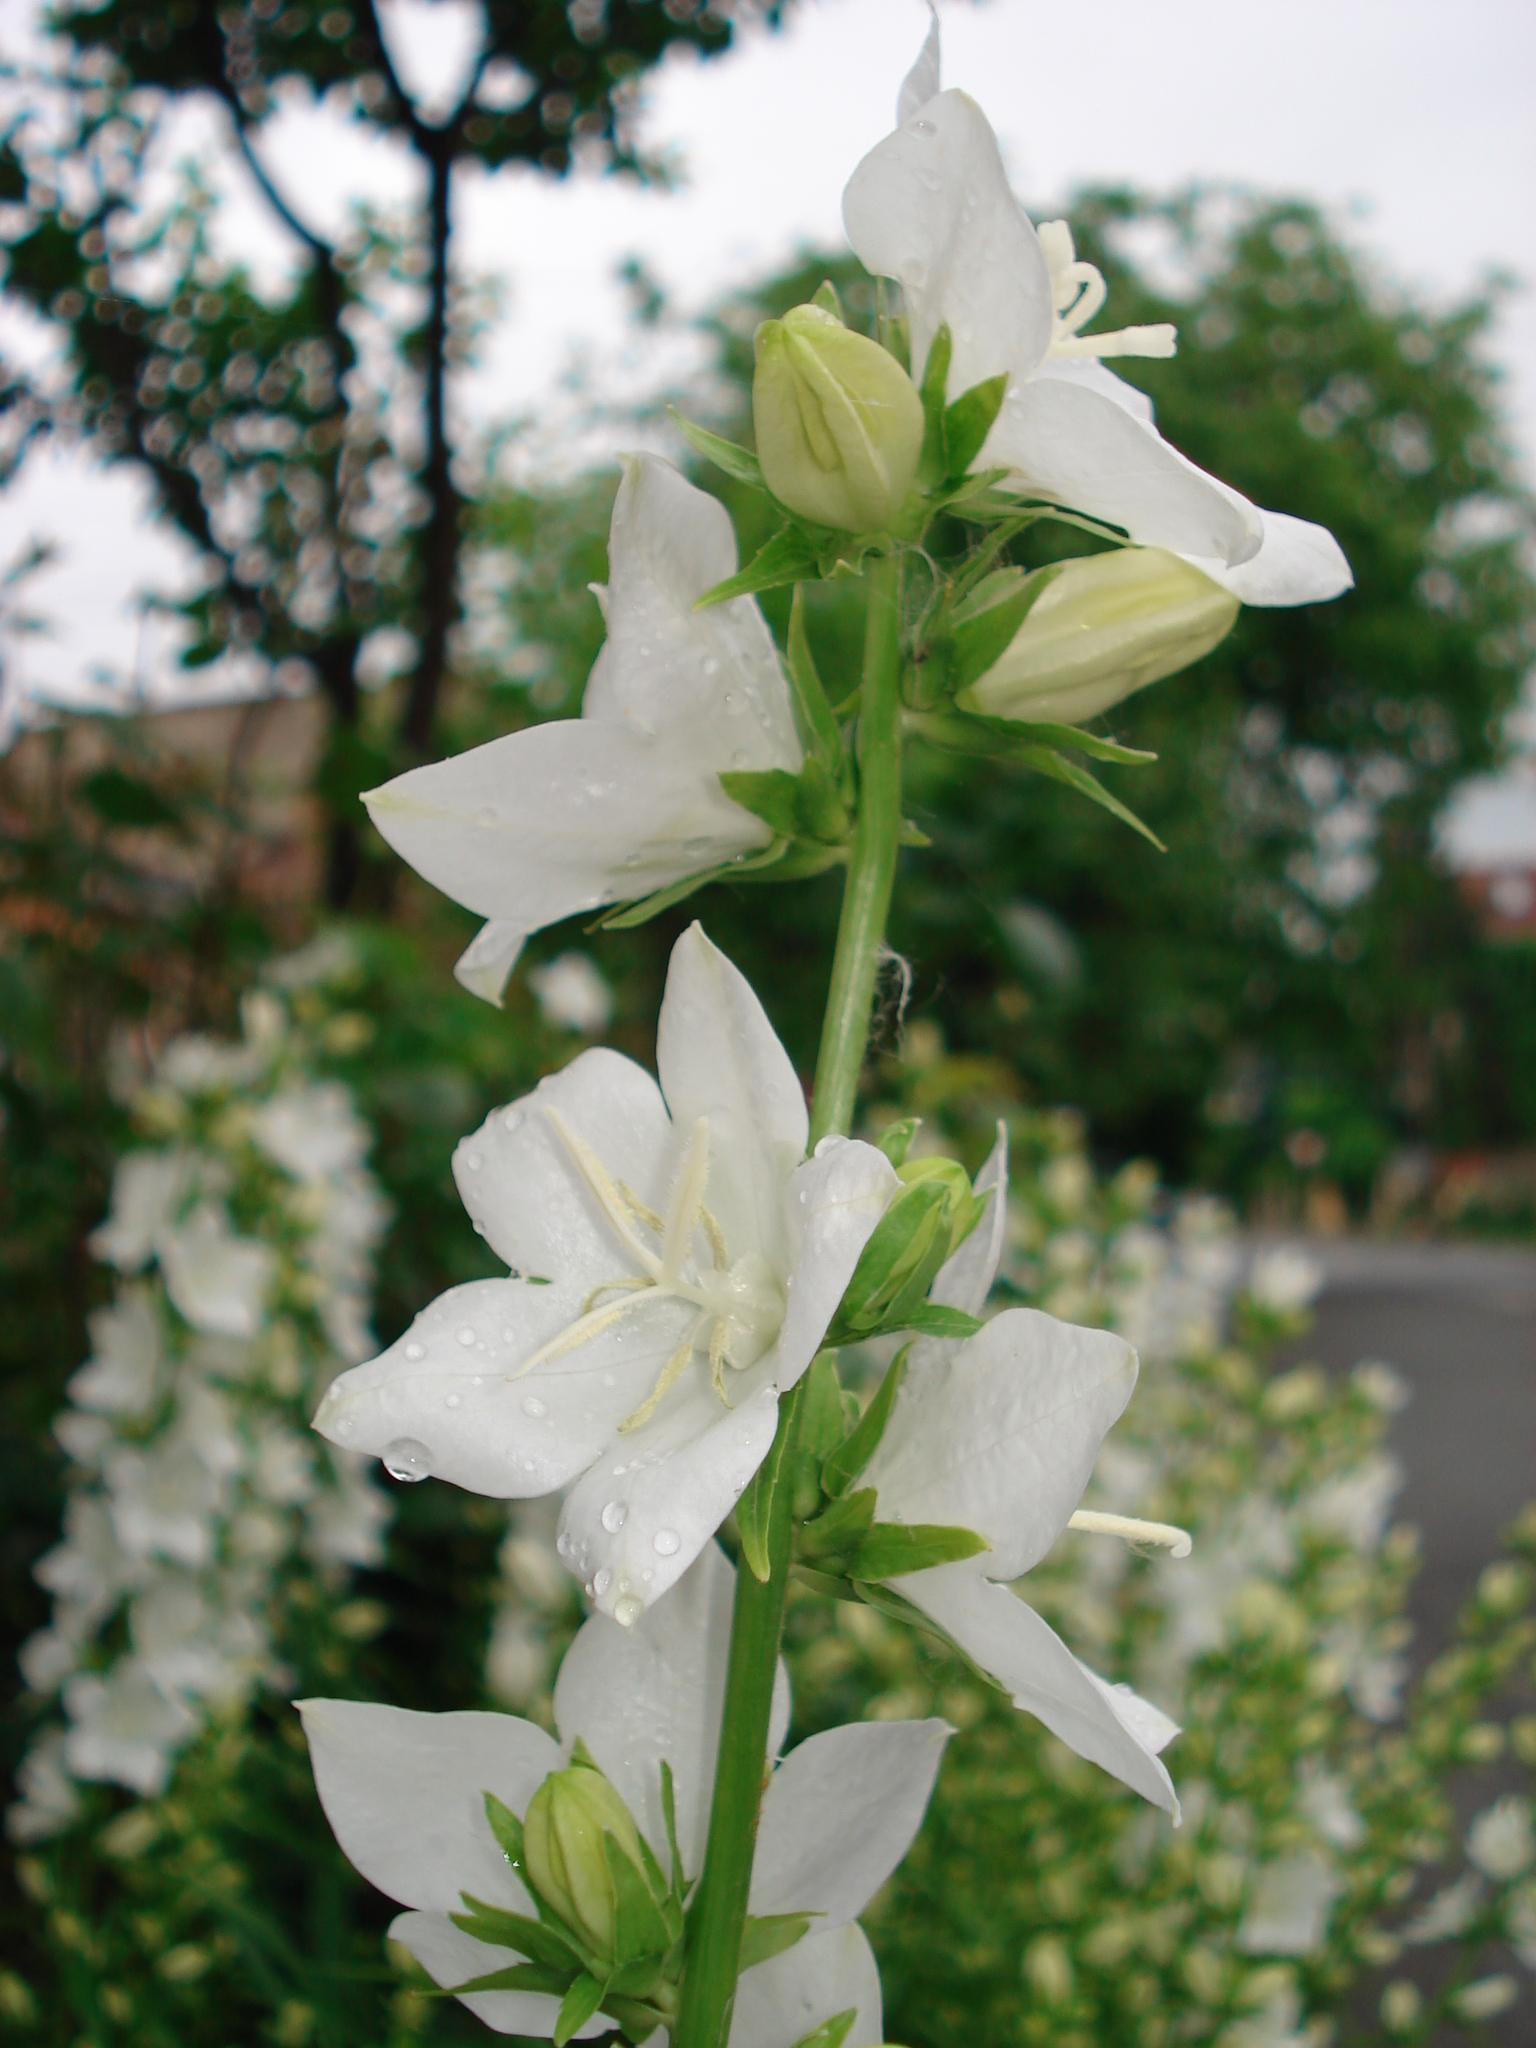 How to grow graceful white delphinium garden of eady white delphinium mightylinksfo